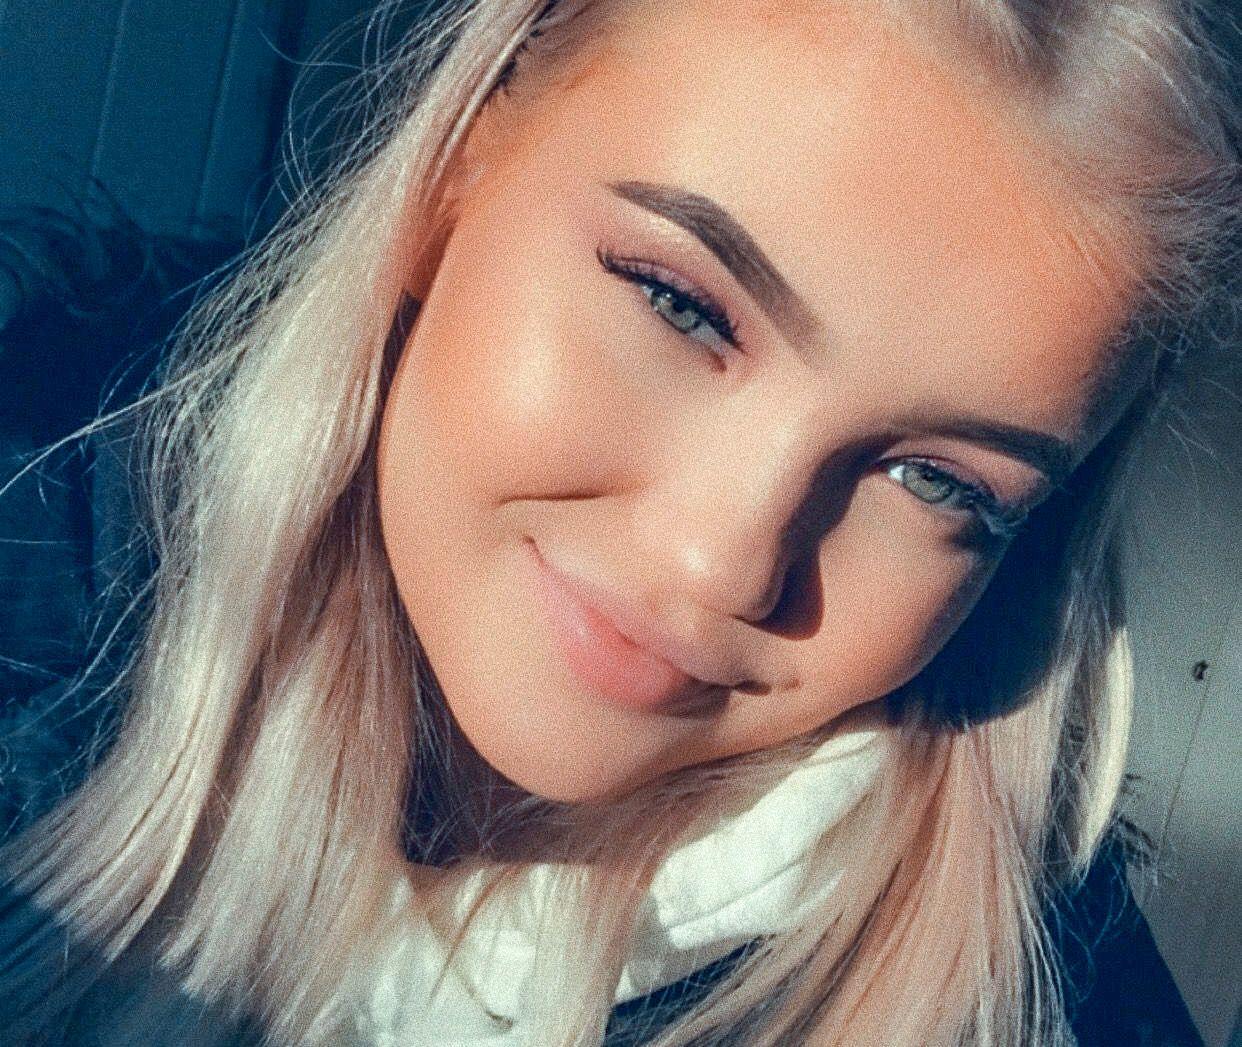 SKUFFET: – Plutselig sa de at det ikke er garantert at jeg får vitnemål. Da skjønte jeg ingenting, sier Áróra Gunnarsdóttir  (18).